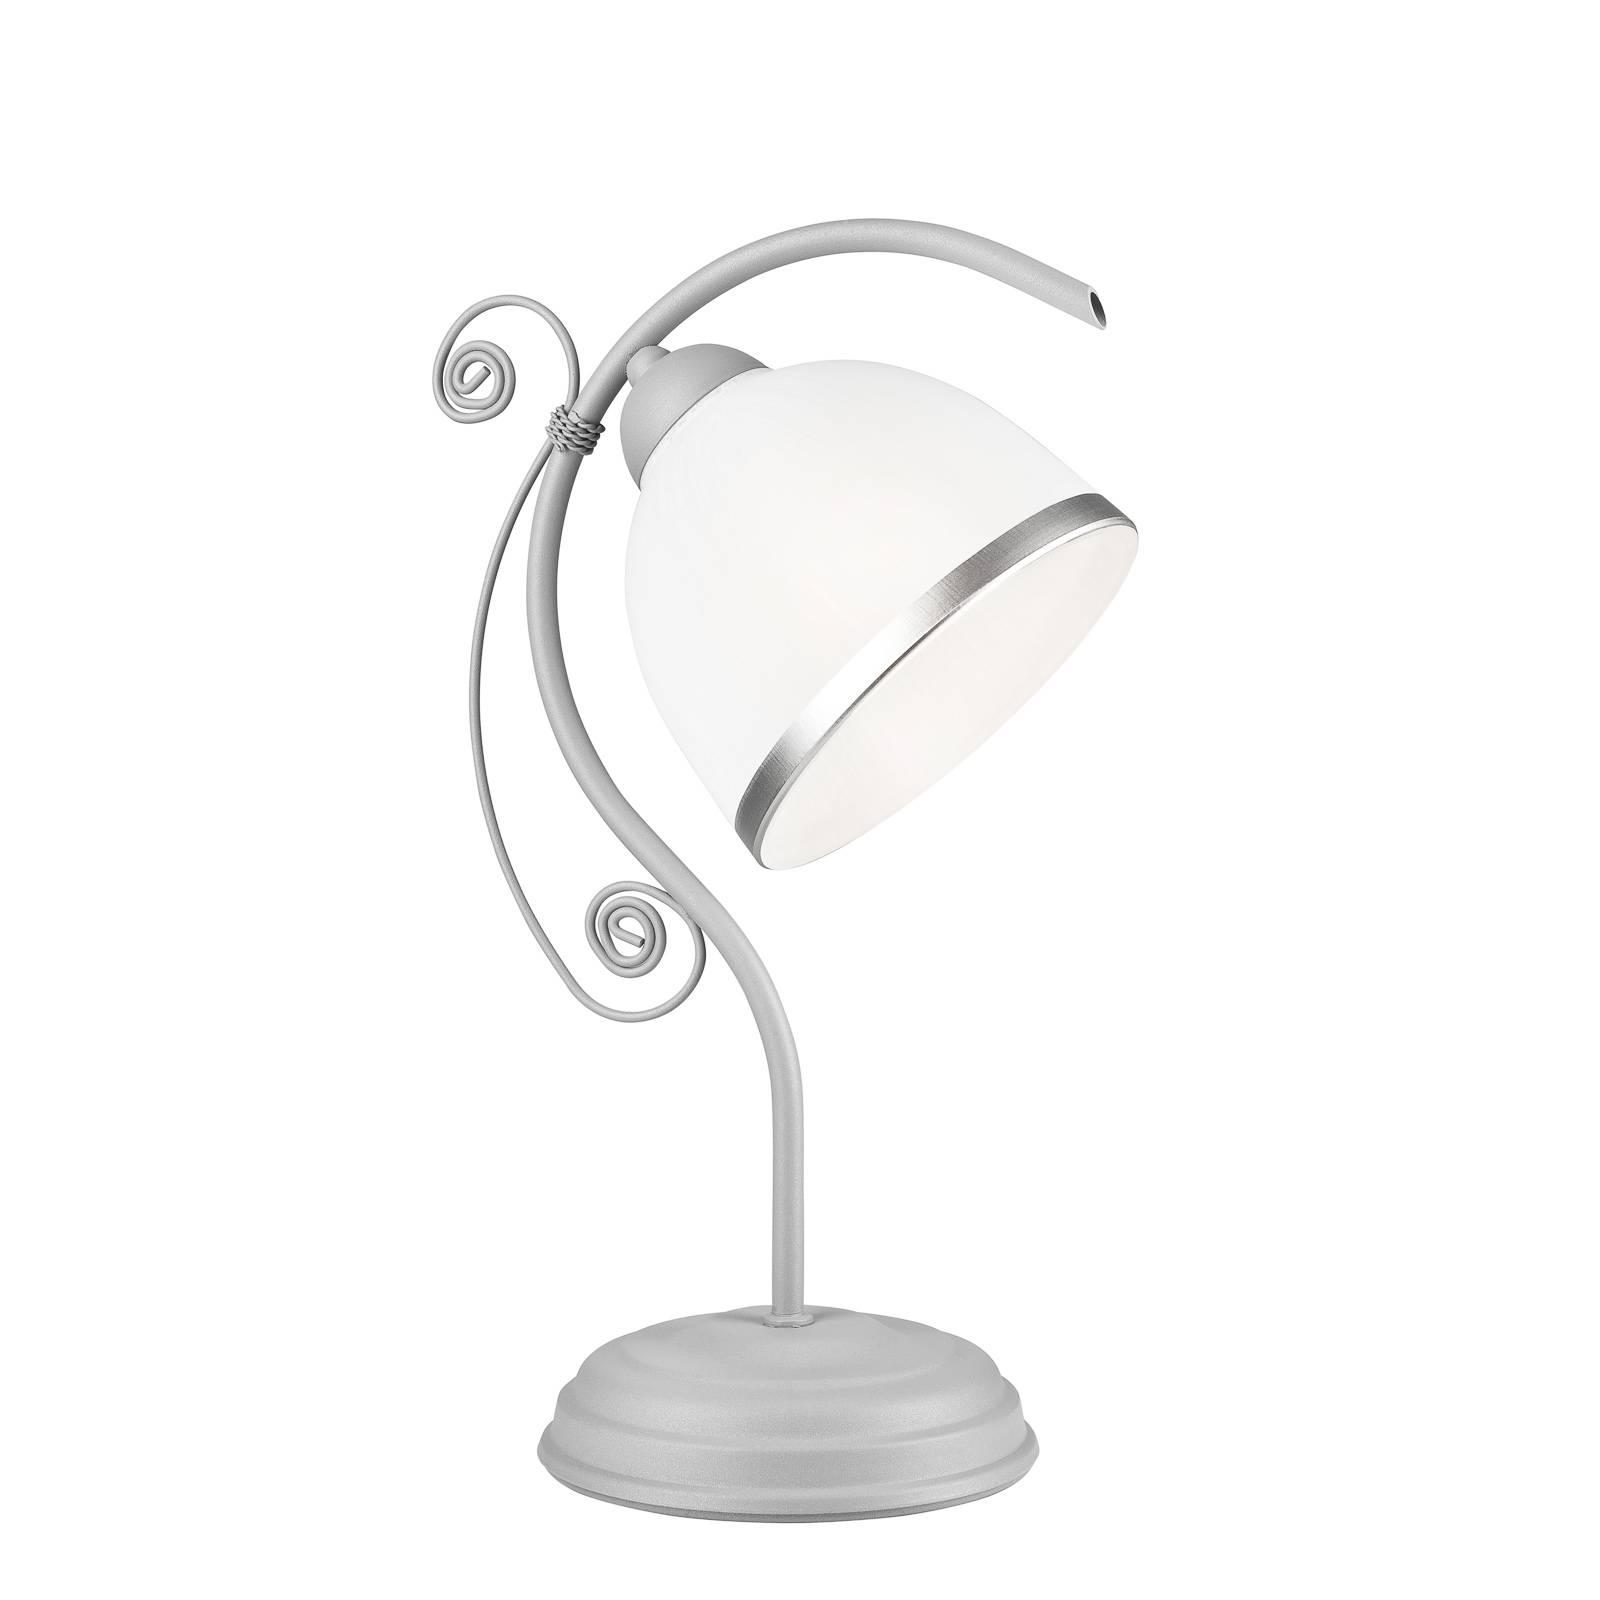 Tischleuchte Roma in Weiß und Silber